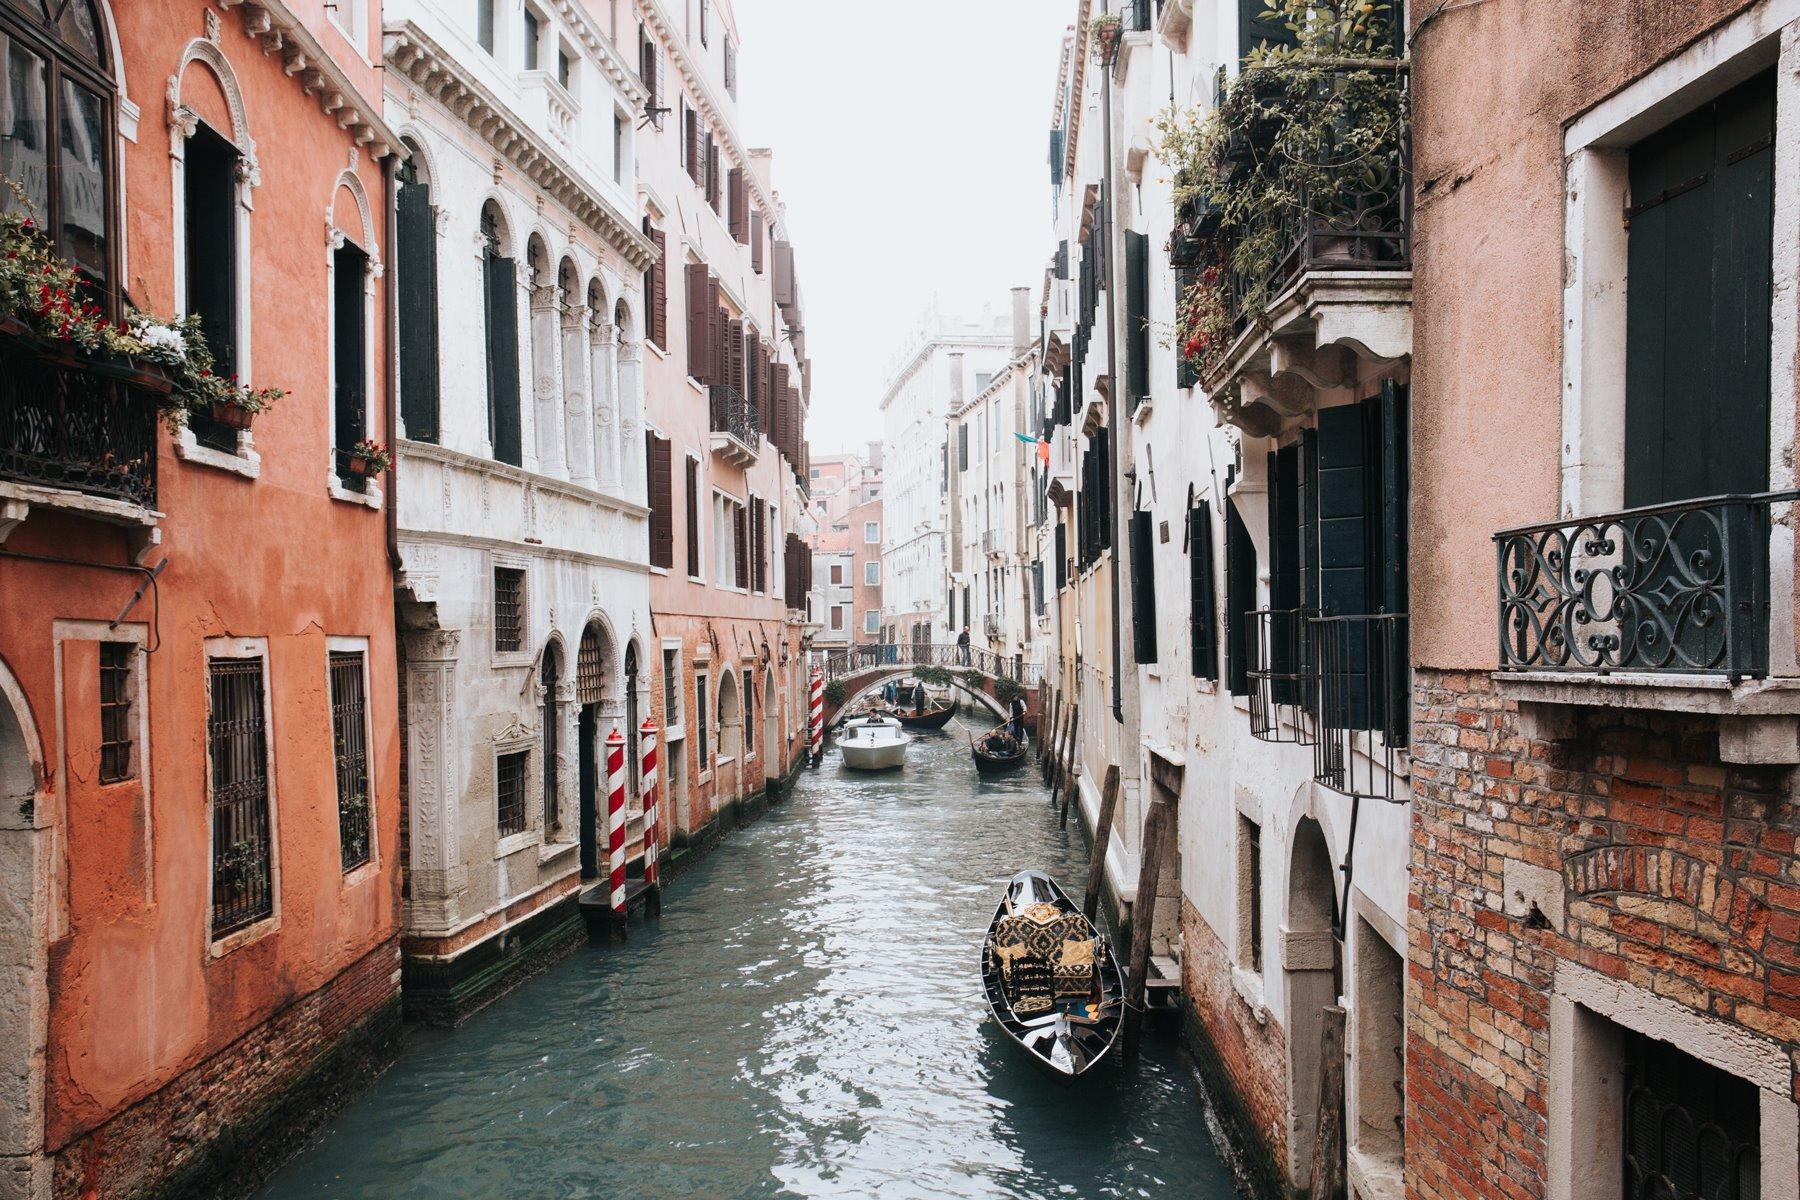 alisa-anton-197031-unsplash. Venecia